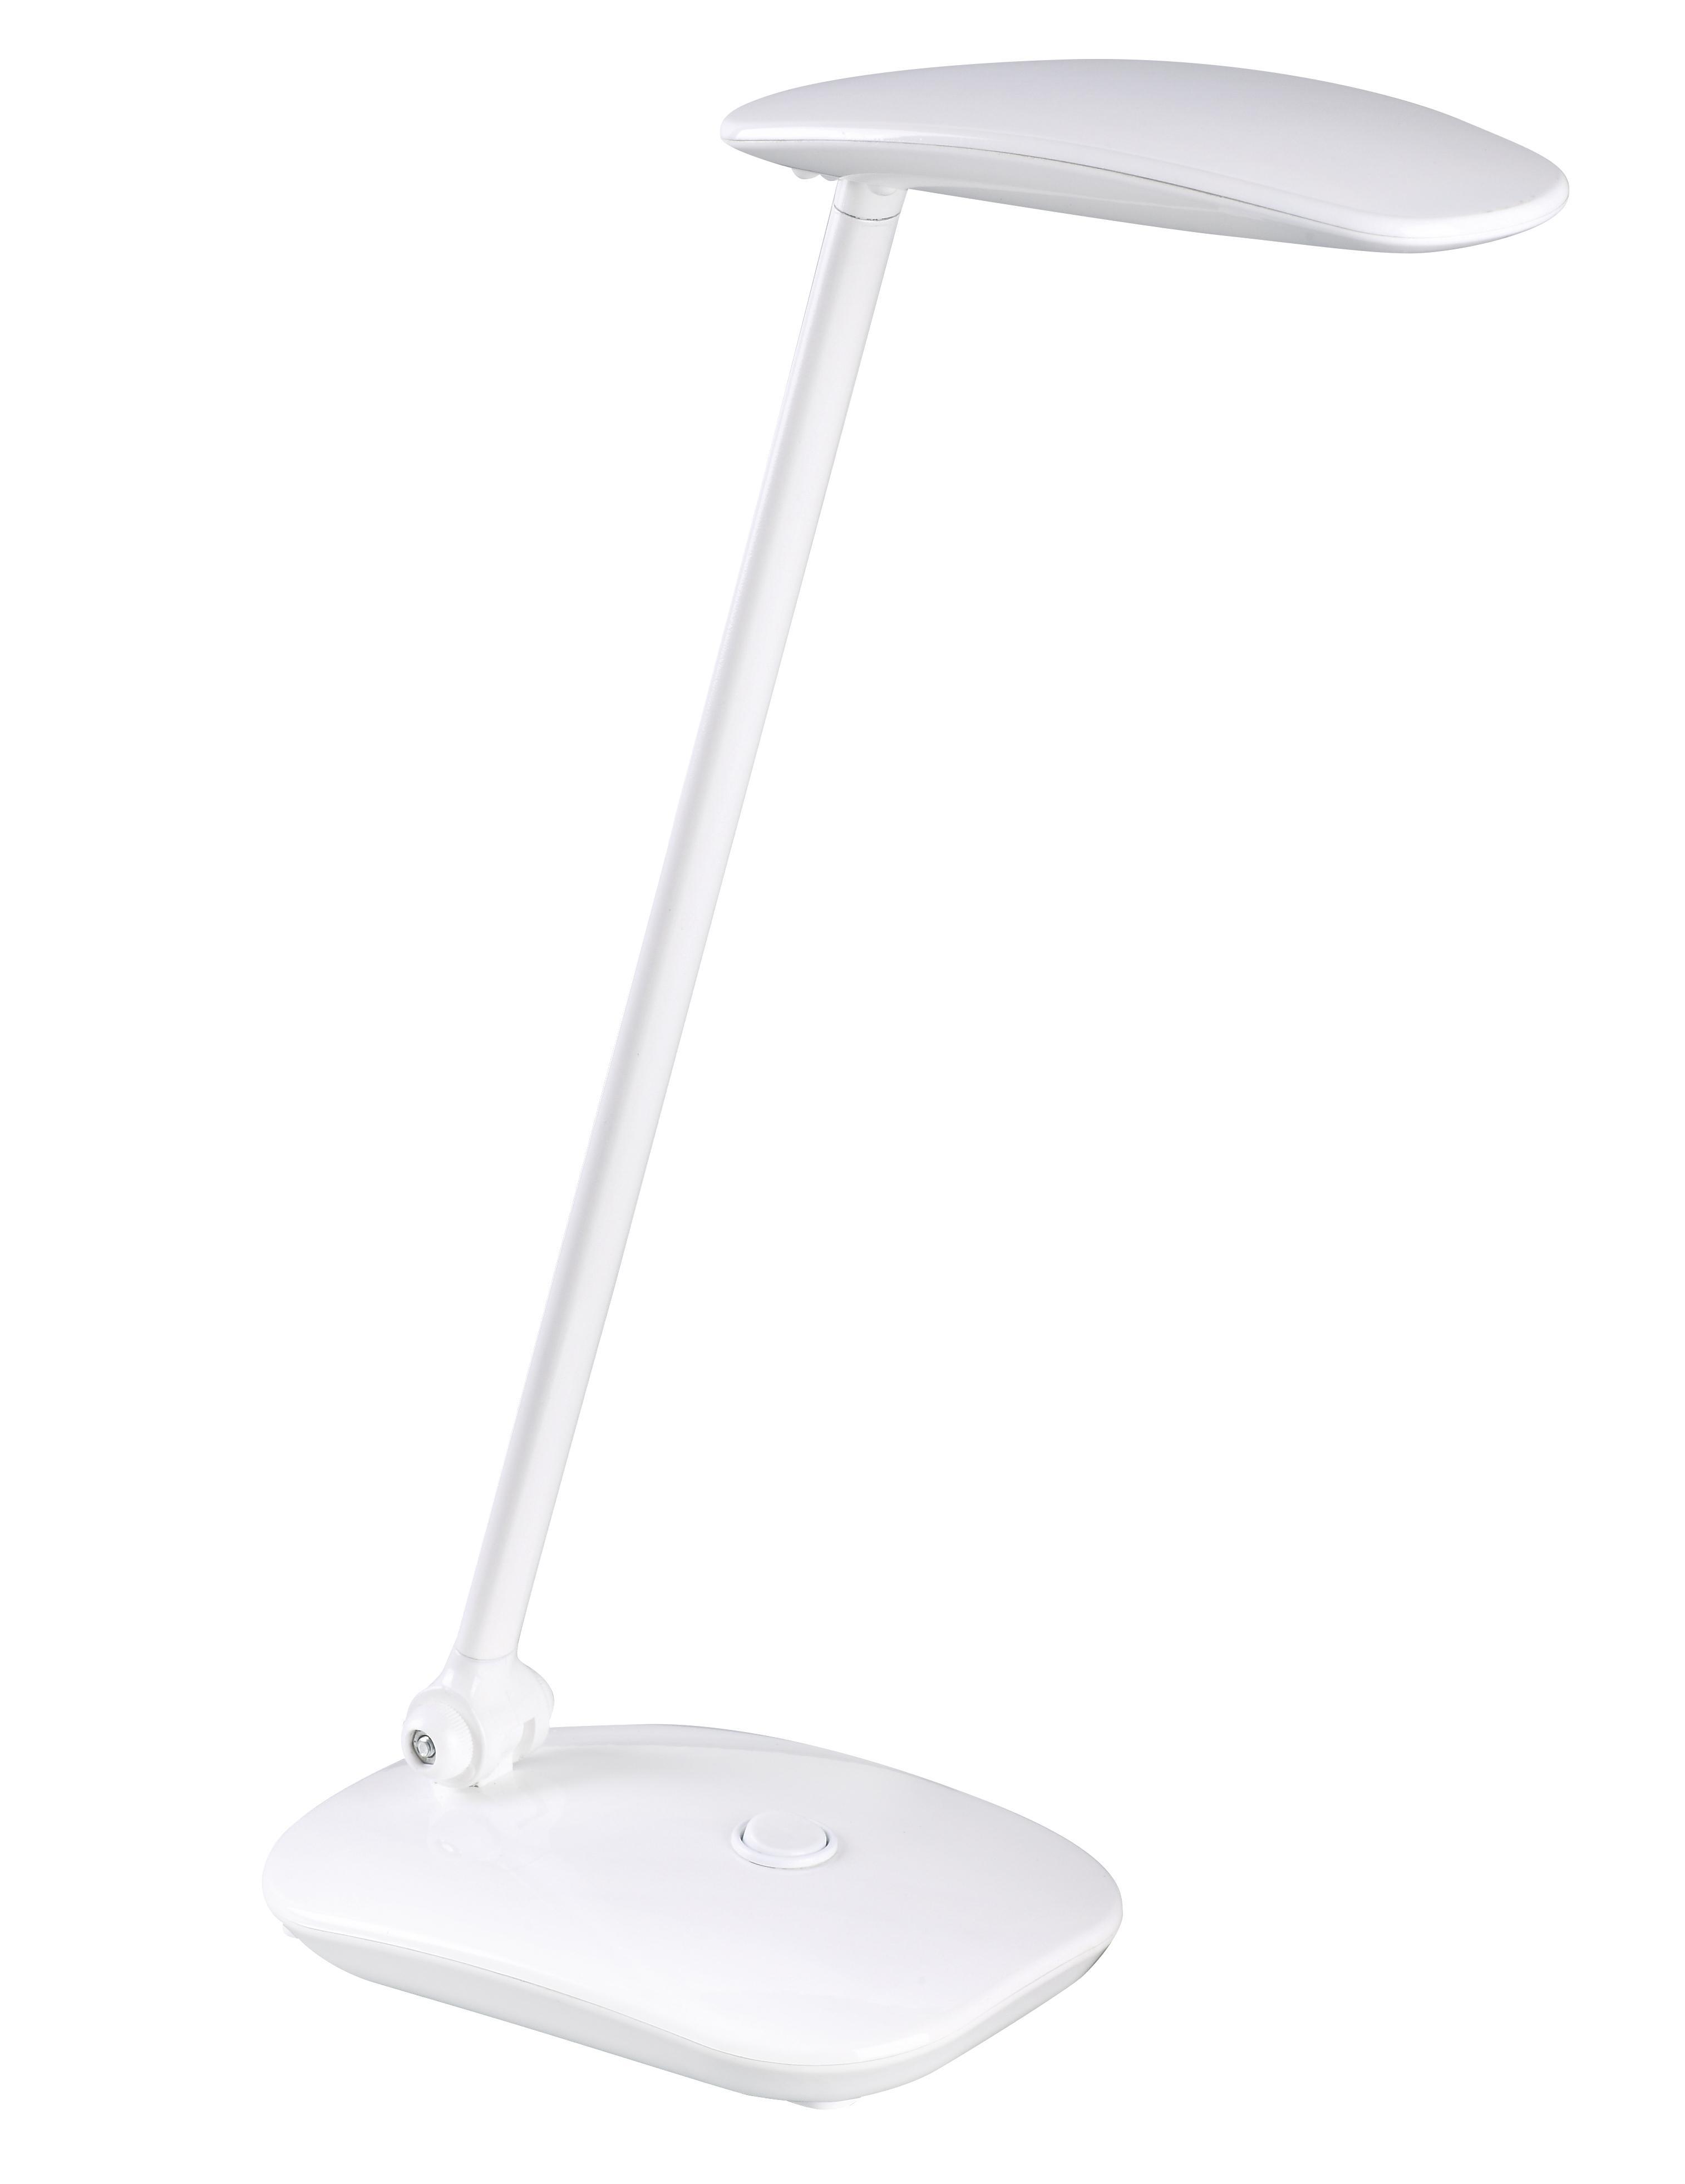 Фото - Лампа настольная СТАРТ Ct56 белый лампа настольная старт ct62 черный